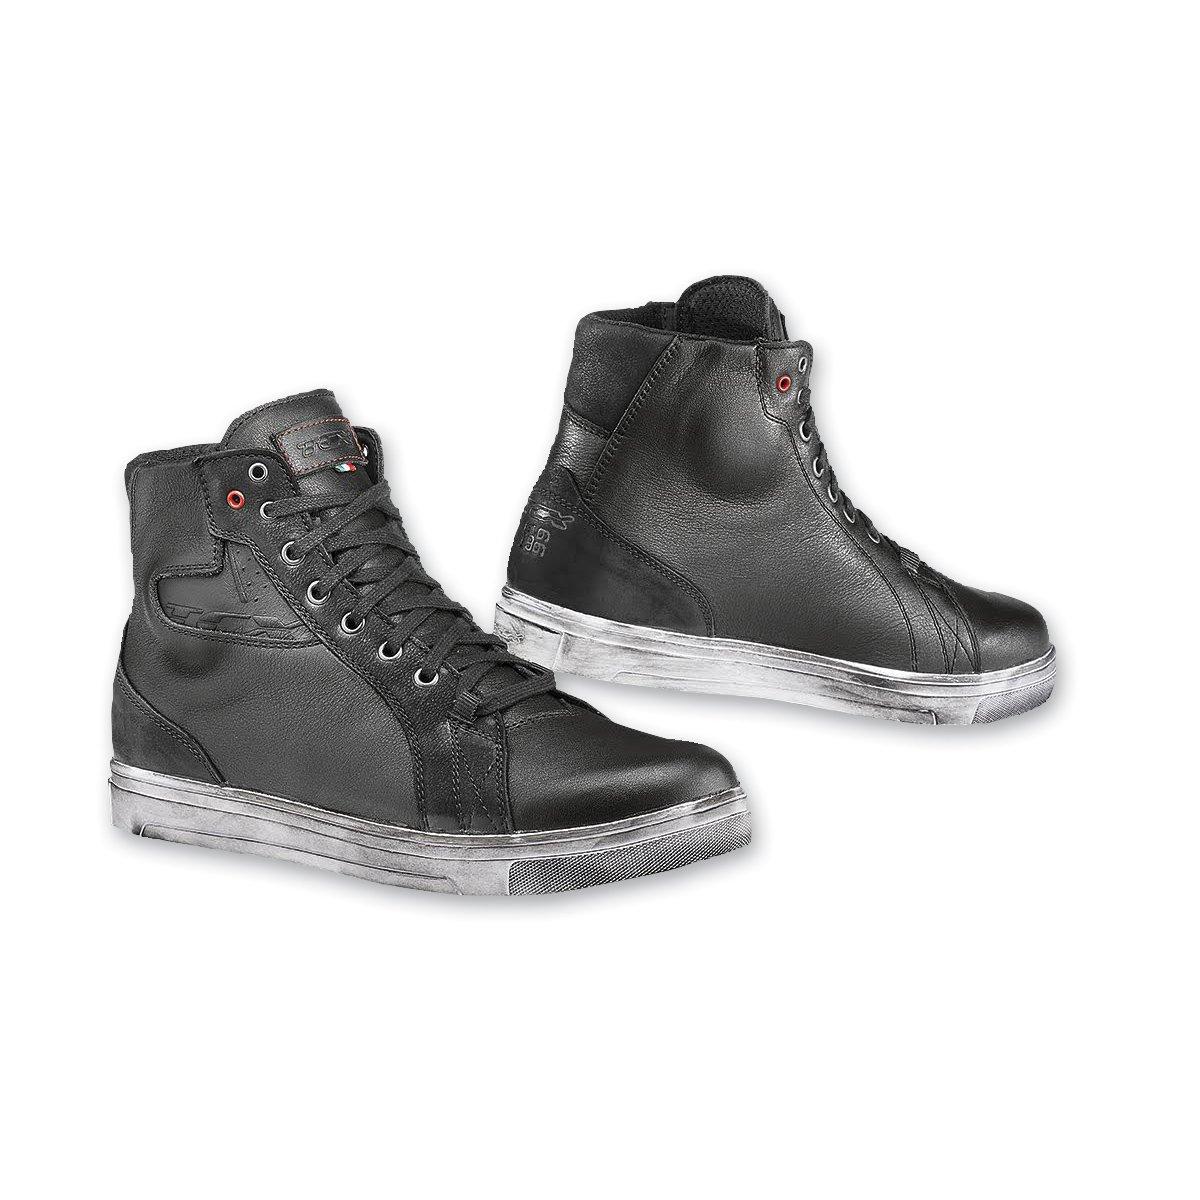 TCX Street Ace Waterproof Mens Street Motorcycle Shoes